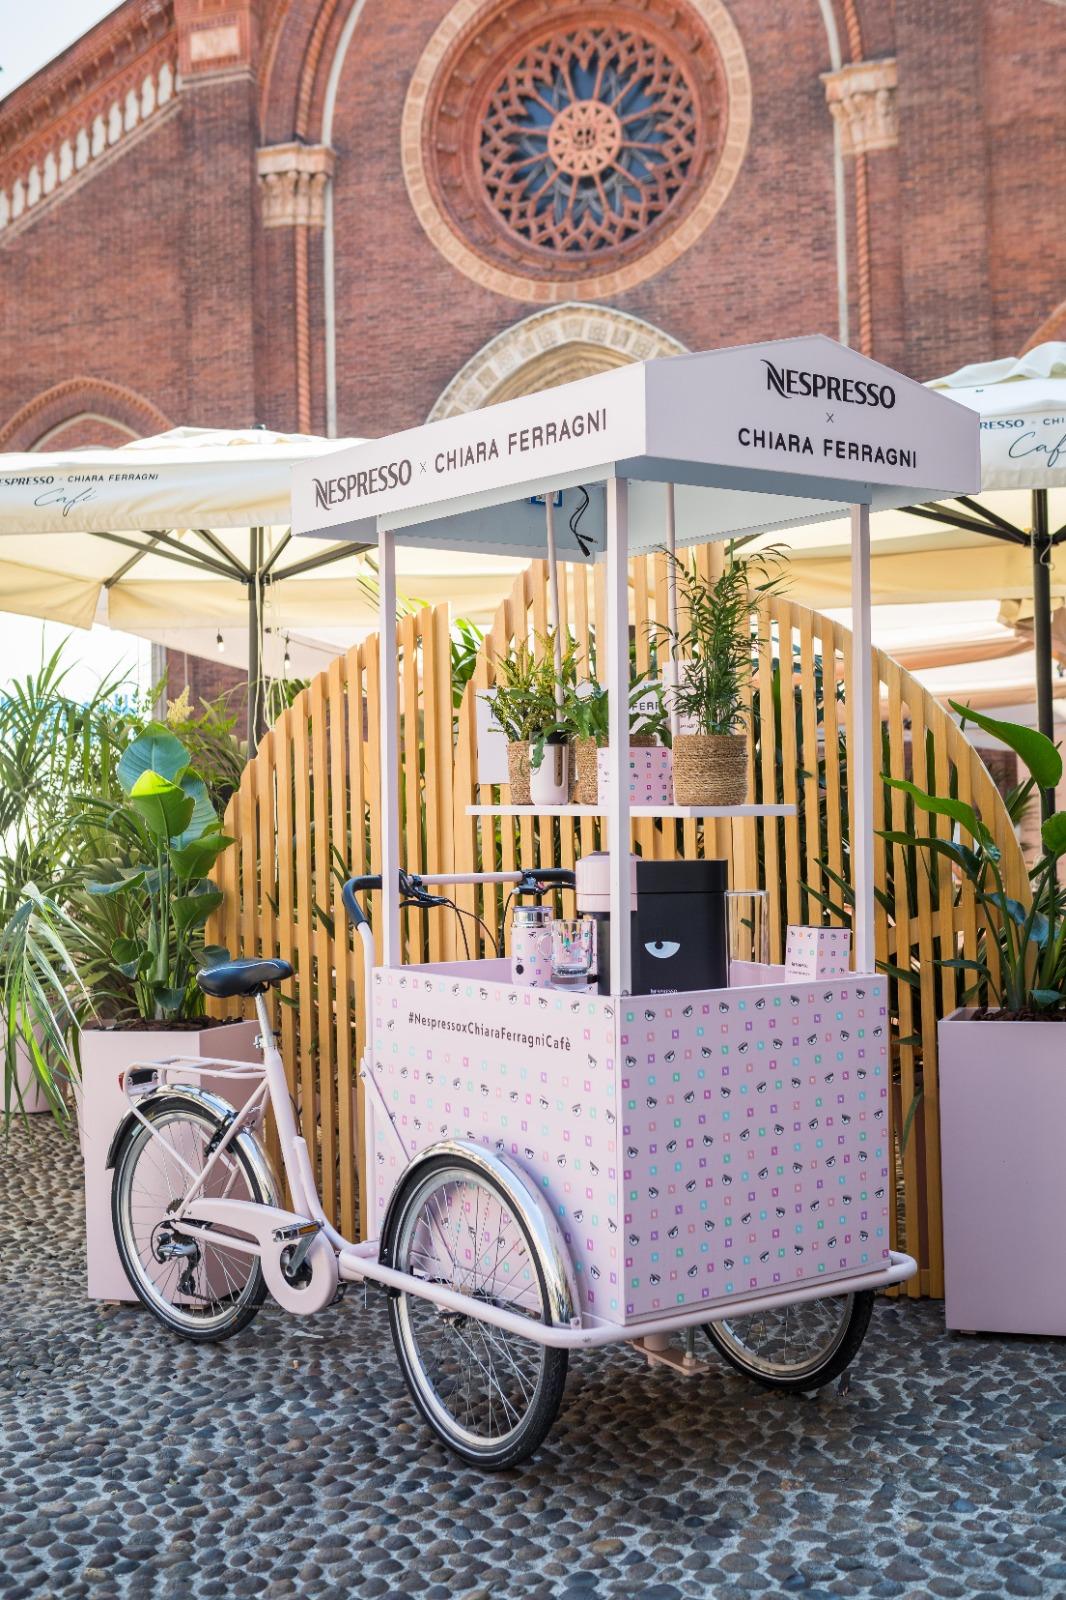 The Nespresso x Chiara Ferragni temporary café in Milan's arty Brera district.